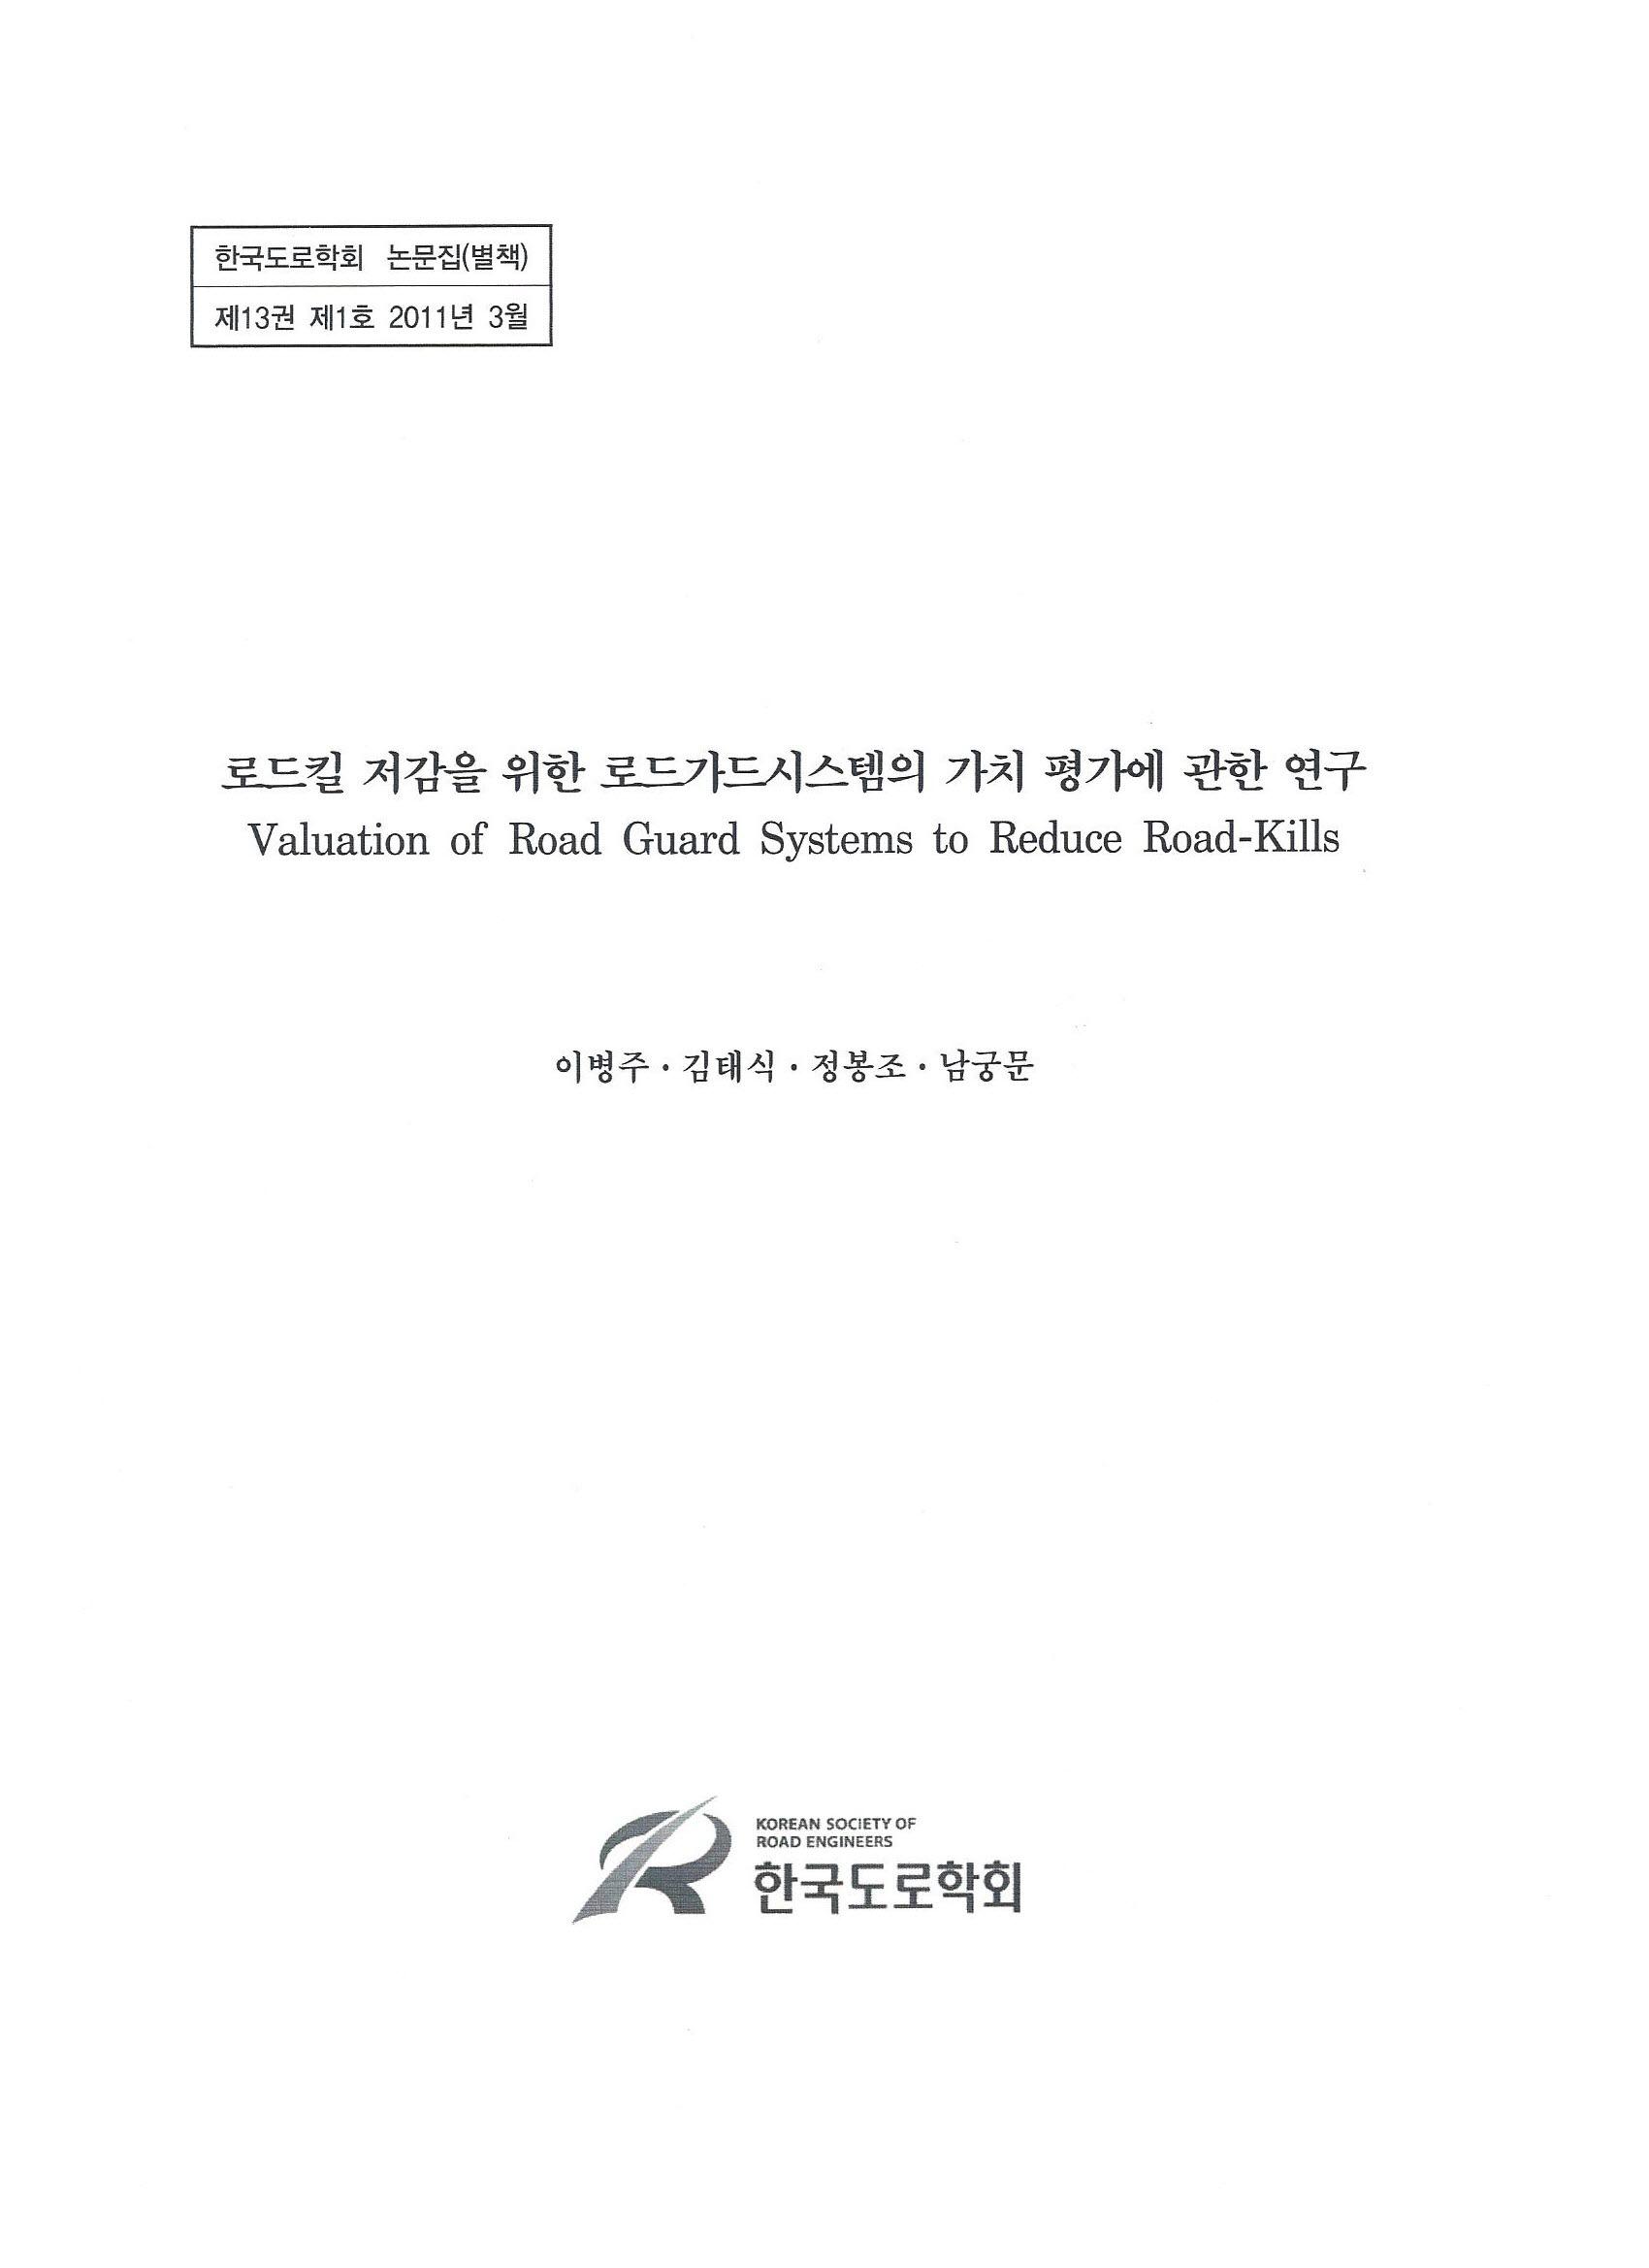 11-로드가드평가에관한연구(겉지) copy.jpg